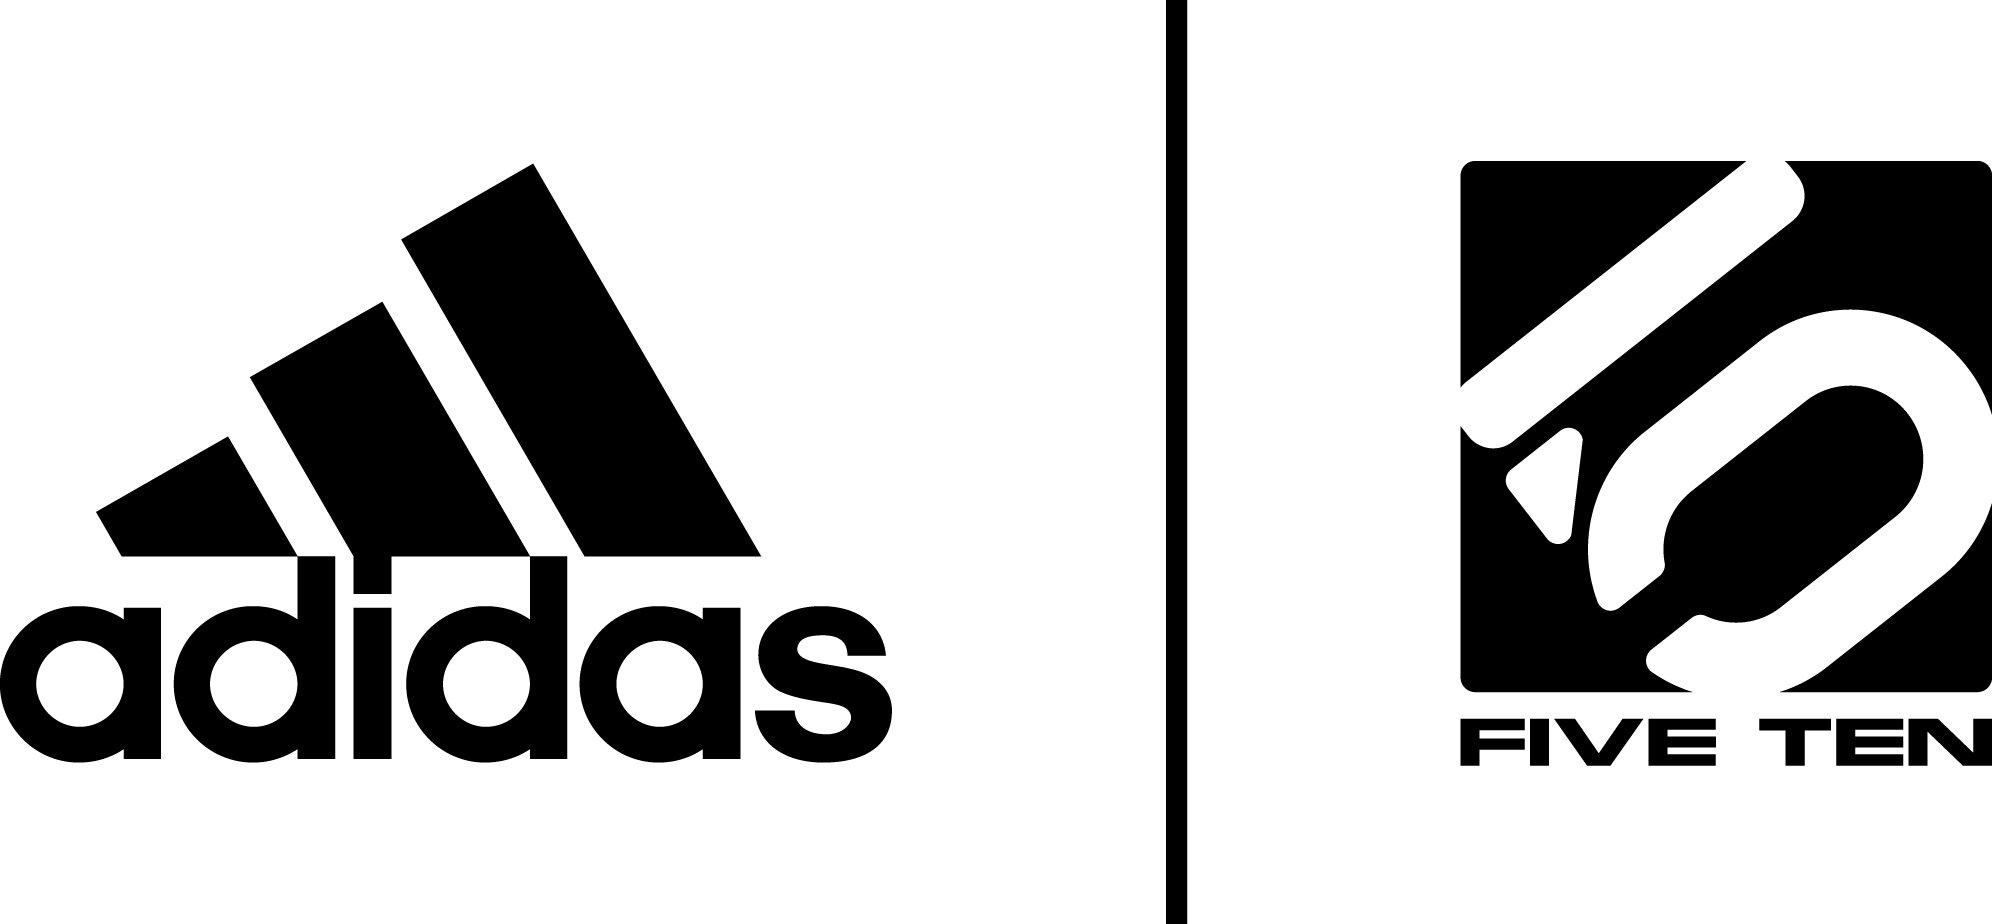 adidas & FiveTen_Large Black_logo.jpg